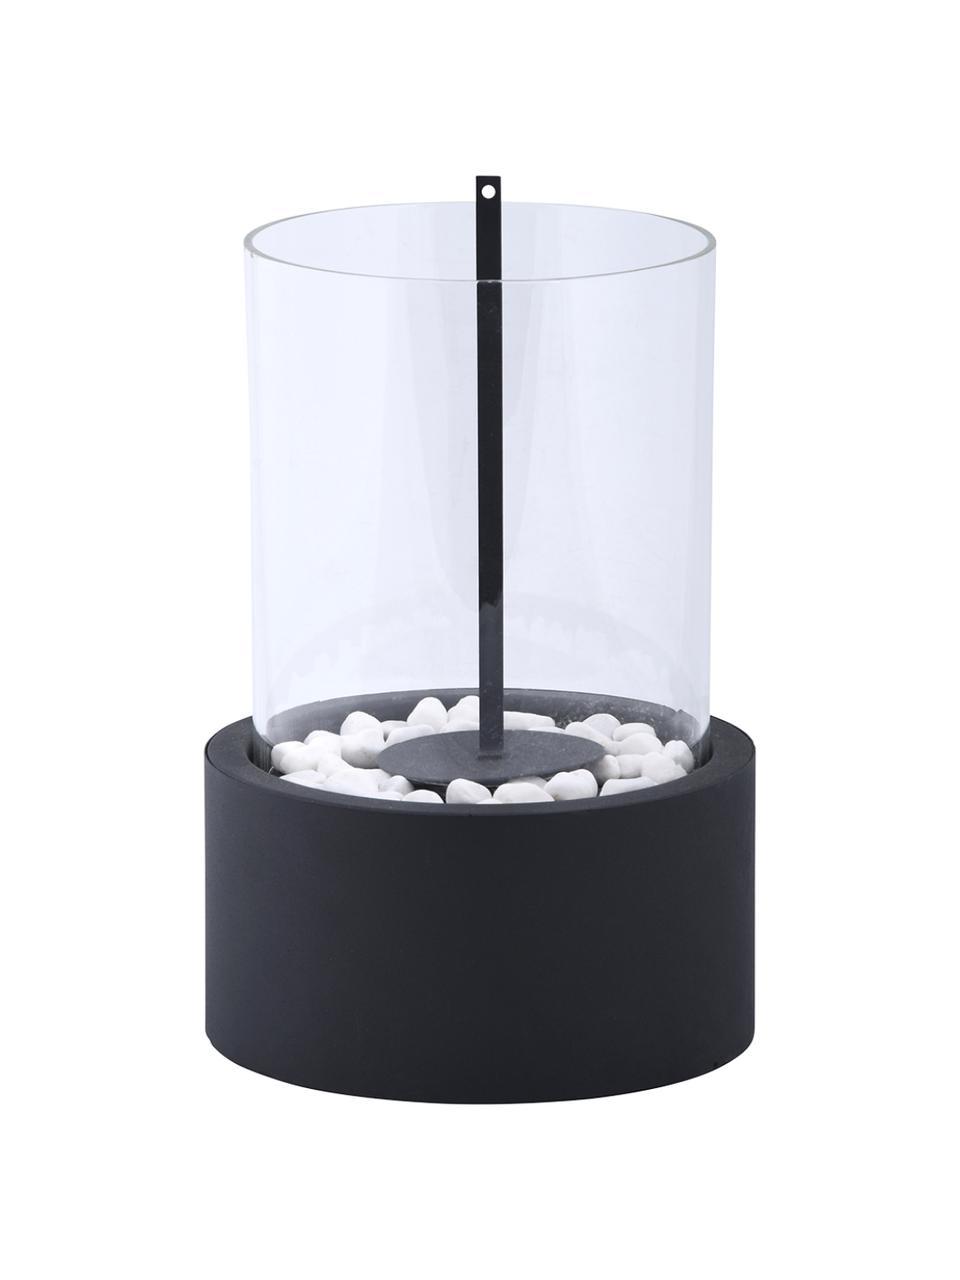 Bio kominek stołowy Damin, Czarny, transparentny, Ø 19 x W 27 cm